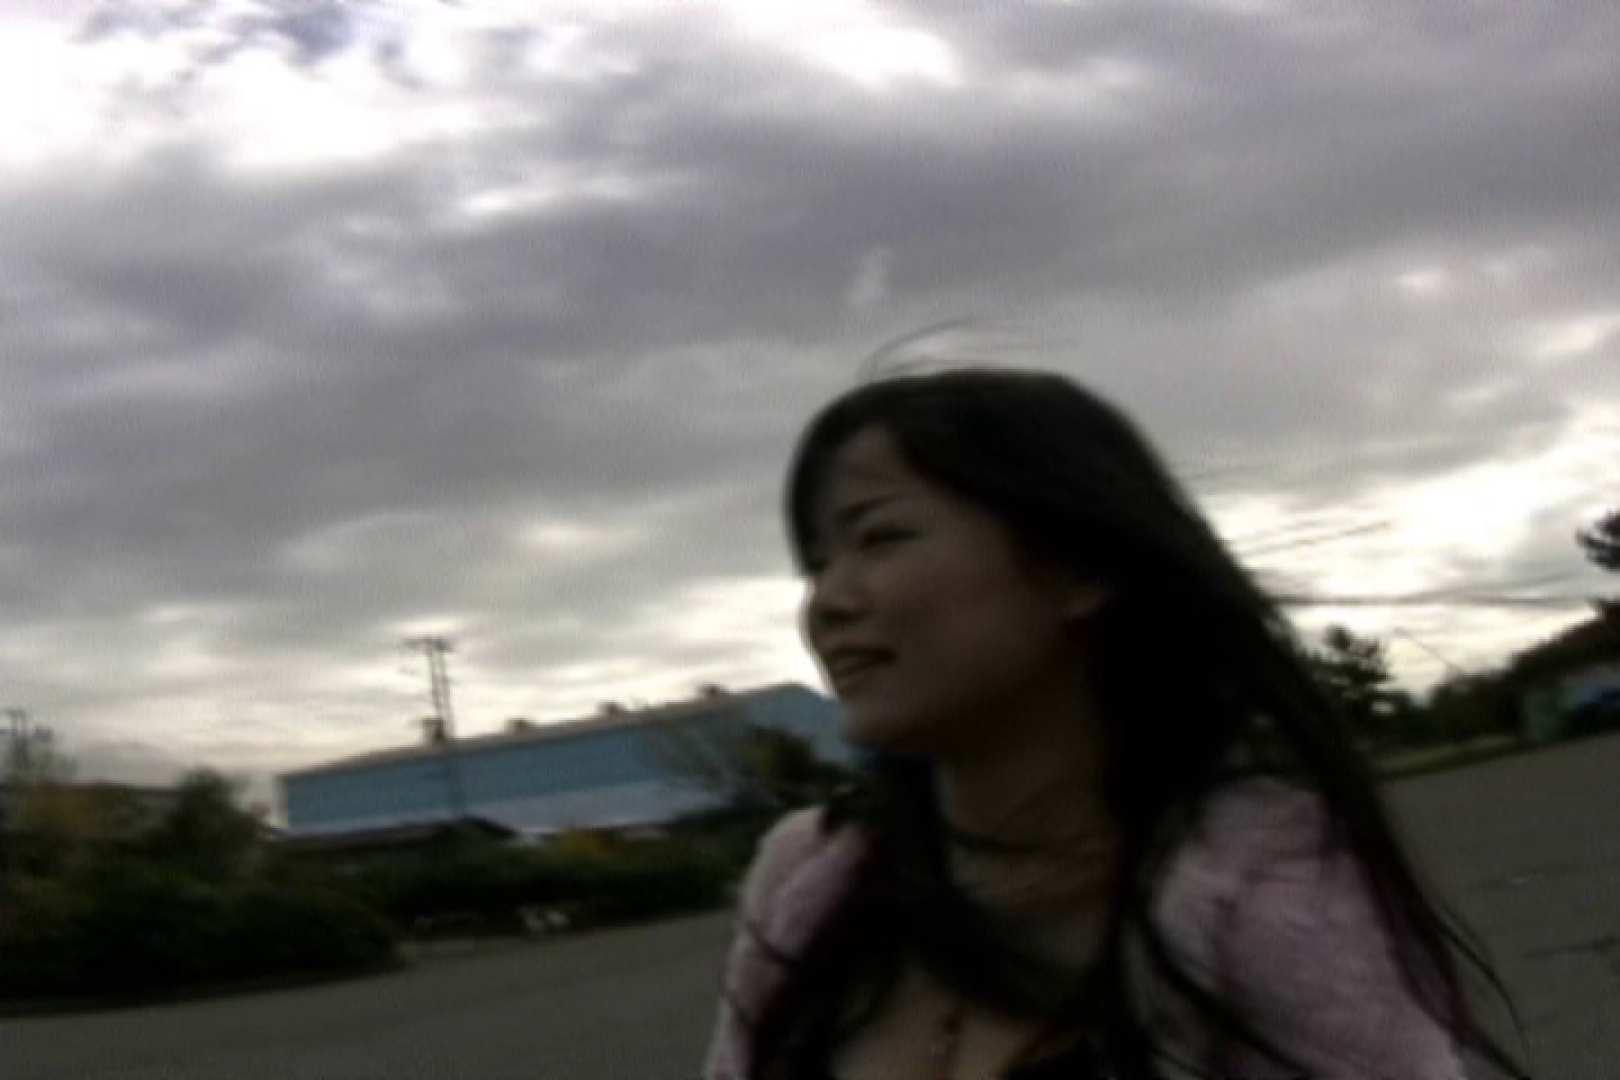 素人嬢がAV面接にやって来た。 仮名ゆみvol.2 スケベ映像 ワレメ無修正動画無料 108画像 63